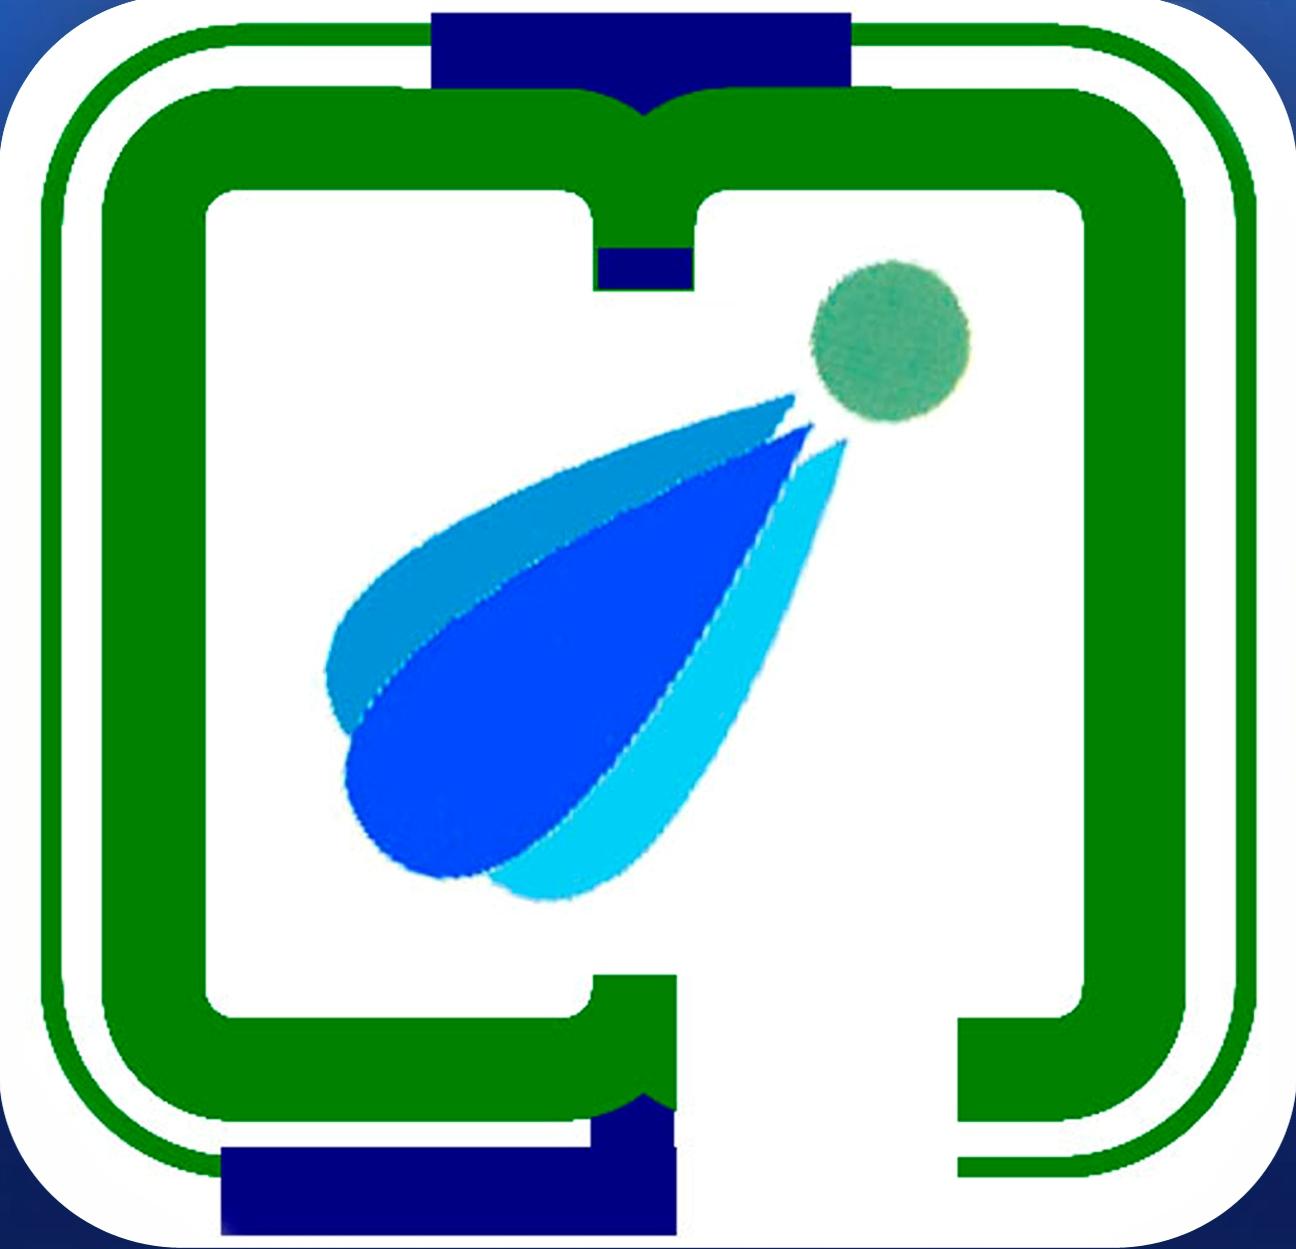 Top Univeristy Pandit Dwarka Prasad Mishra Indian Institute of Information Technology details in Edubilla.com